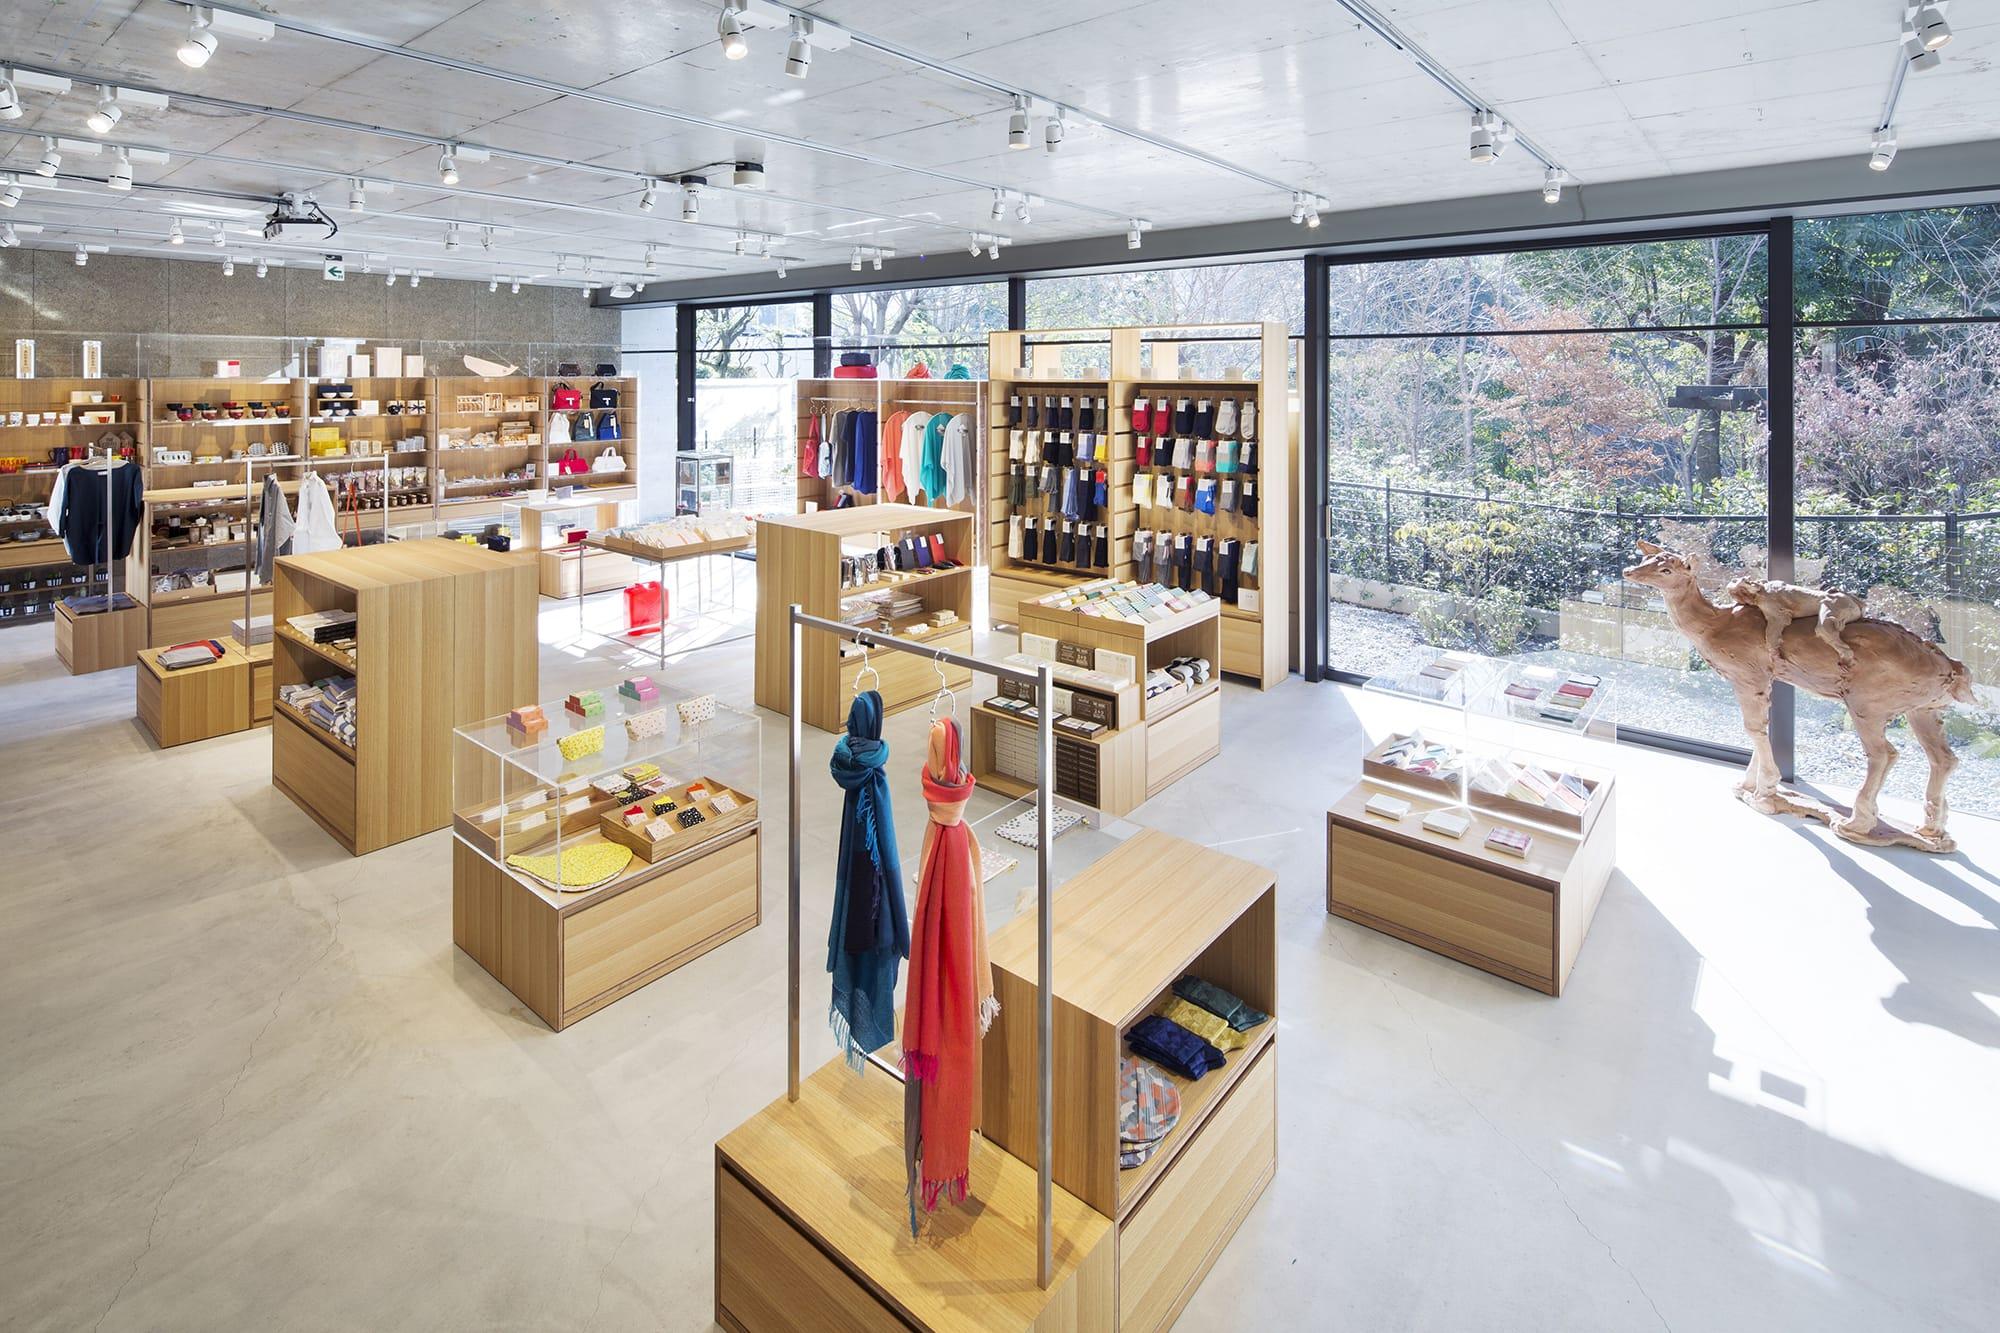 中川政七商店の屋号を掲げて初めての路面店「中川政七商店 表参道店」。同ビルの2階には東京事務所がある。